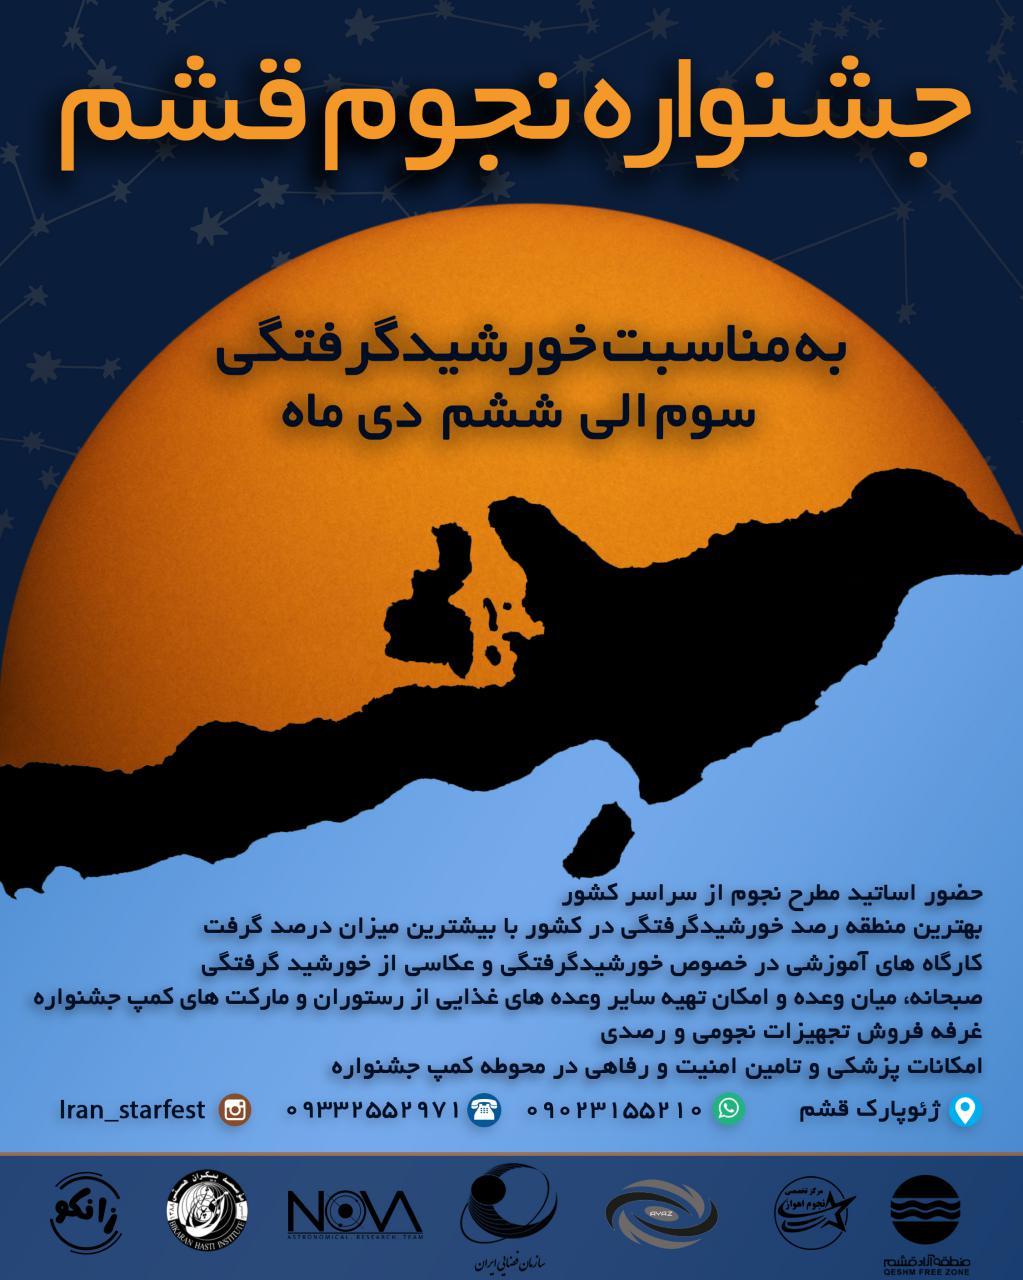 جشنواره نجوم قشم